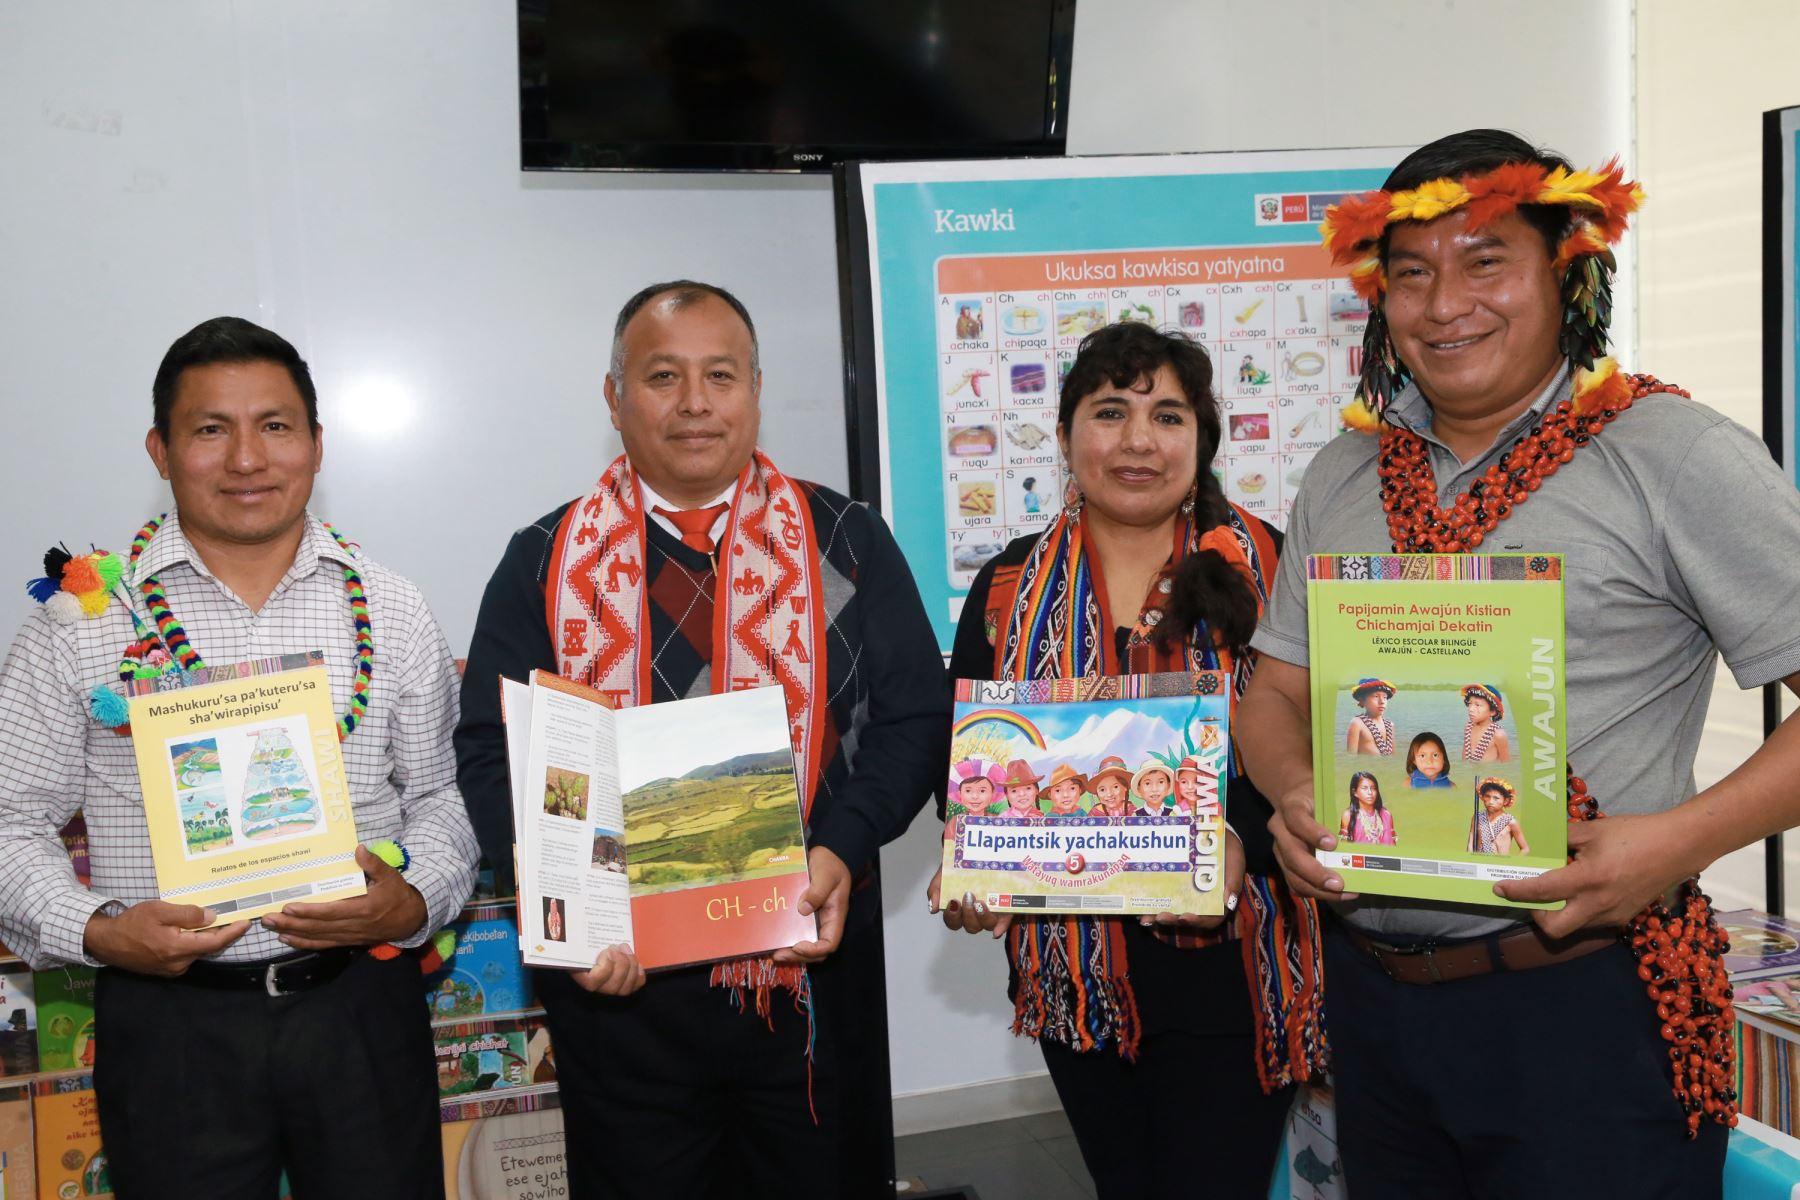 El Perú cuenta actualmente con 48 lenguas originarias, de las cuales 40 cuentan con alfabetos y grafías oficiales que han permitido la elaboración de diversos materiales educativos para los estudiantes que hablan una lengua originaria y pertenecen a un pueblo indígena, informó el Ministerio de Educación (Minedu). ANDINA/Norman Córdova